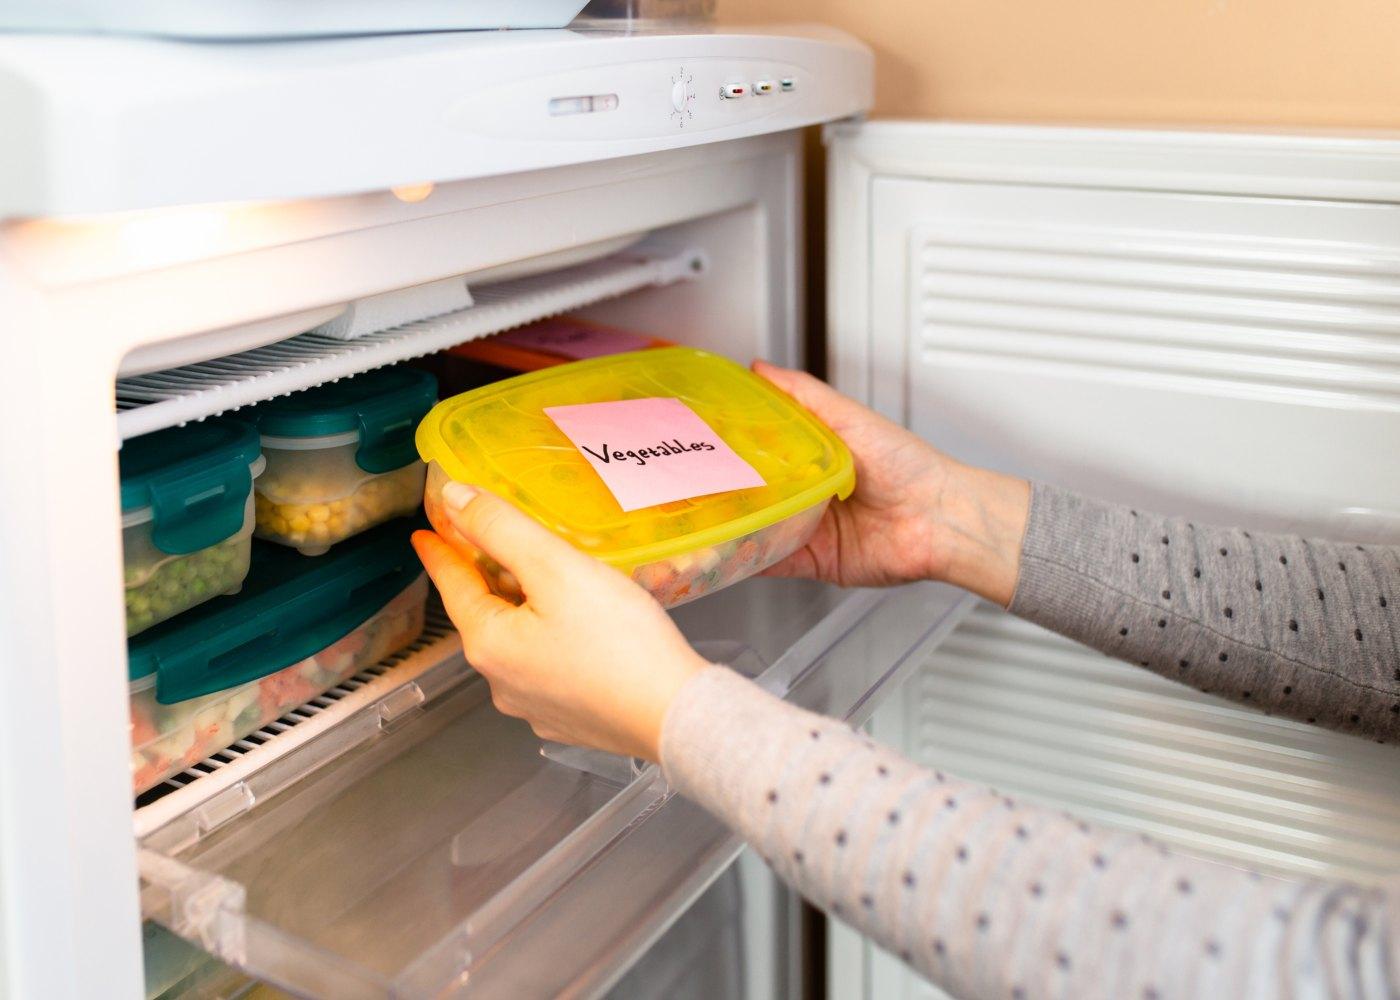 Comida congelada no frigorífico